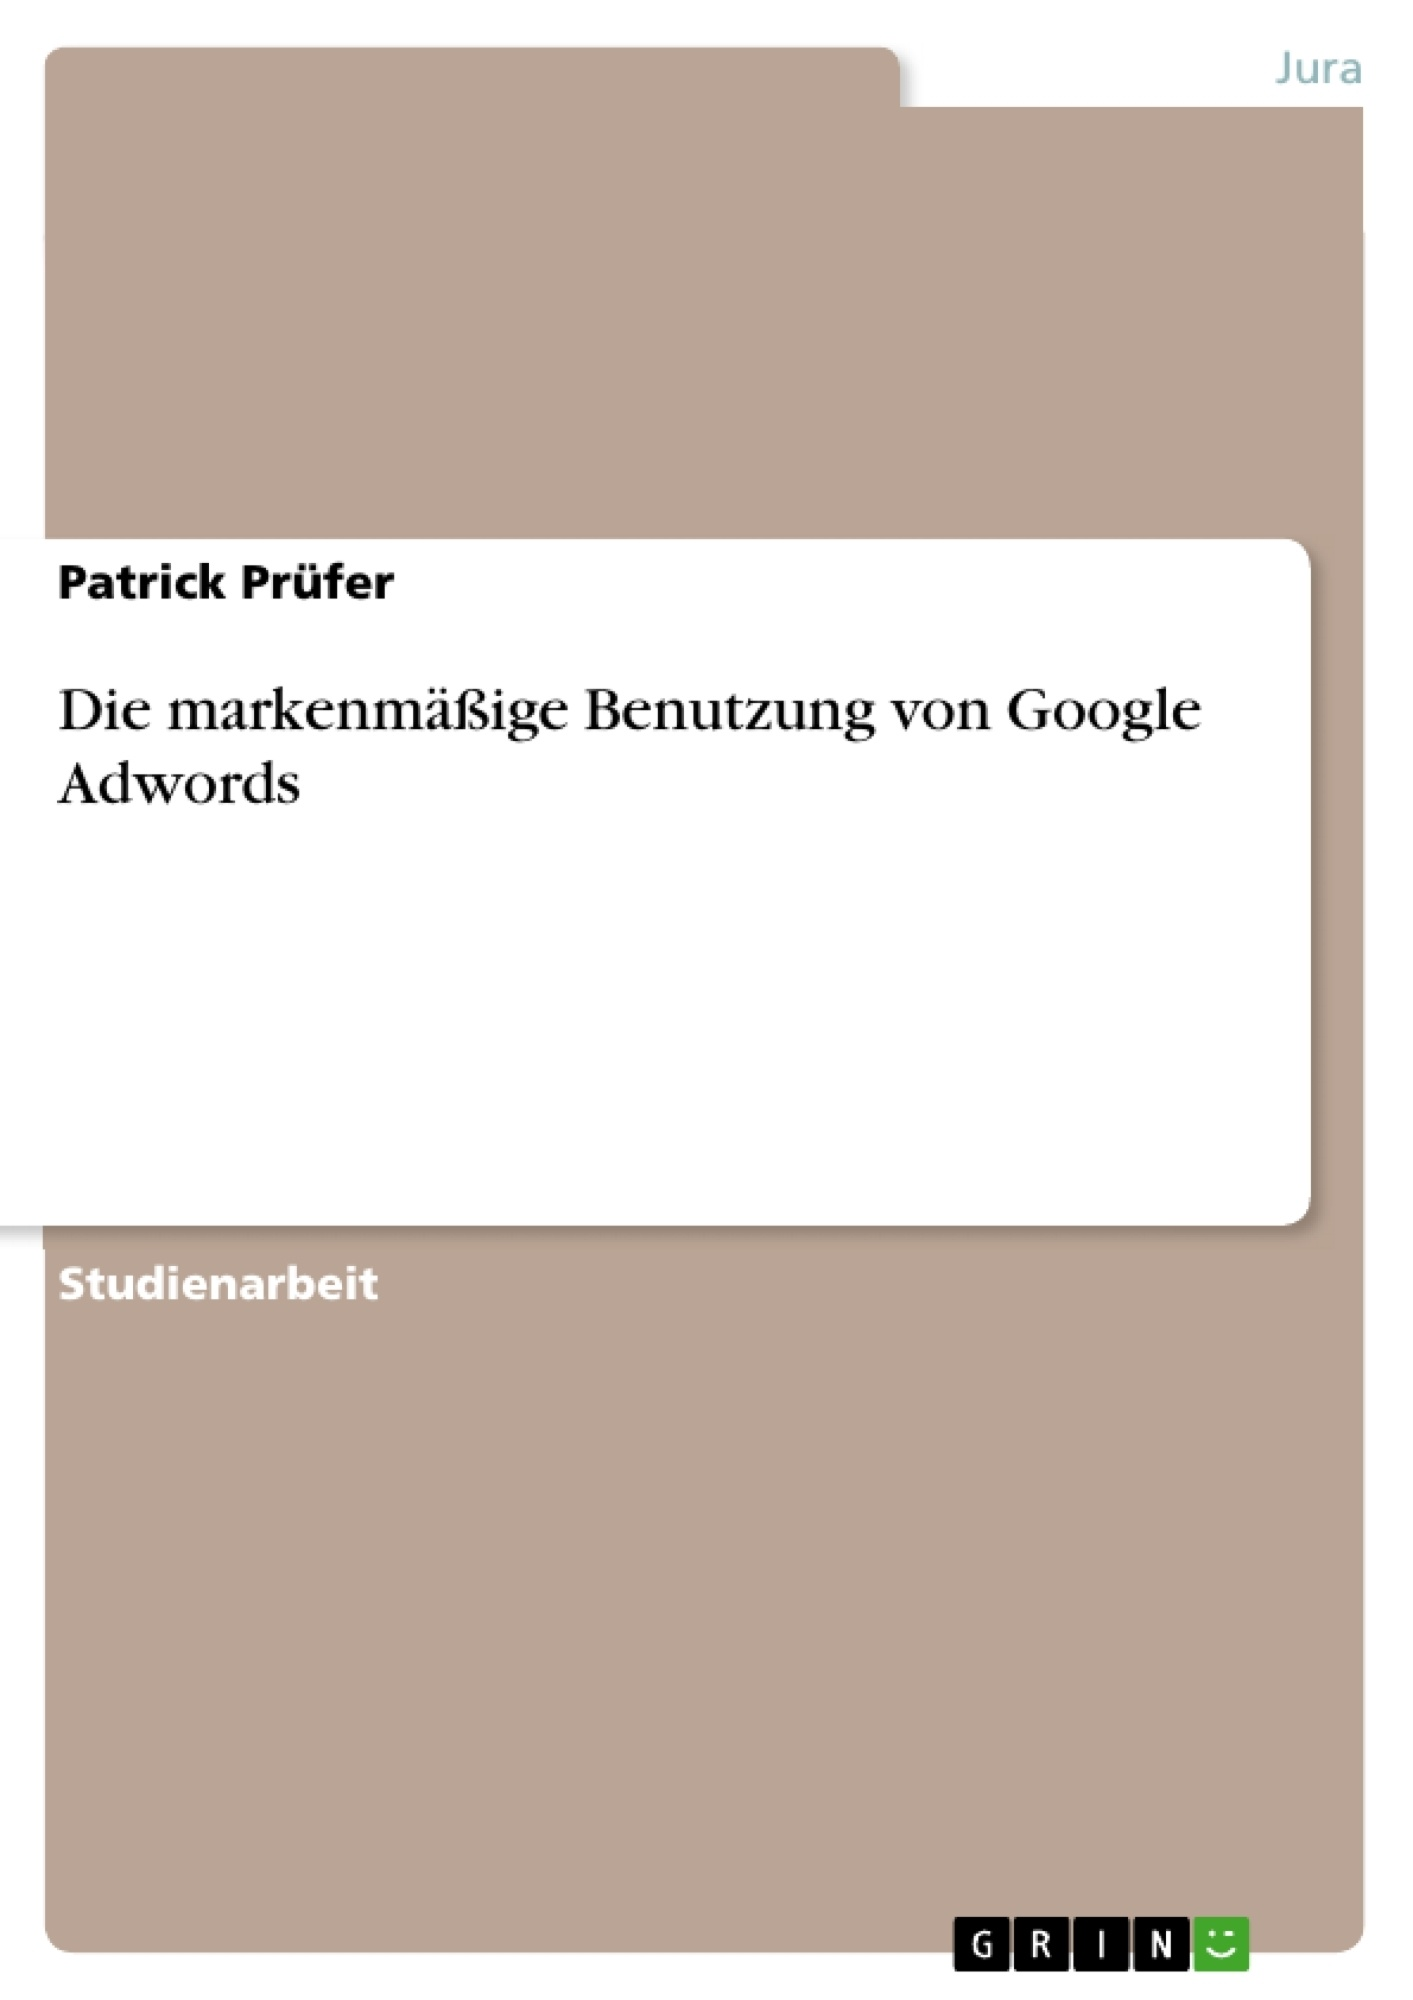 Titel: Die markenmäßige Benutzung von Google Adwords